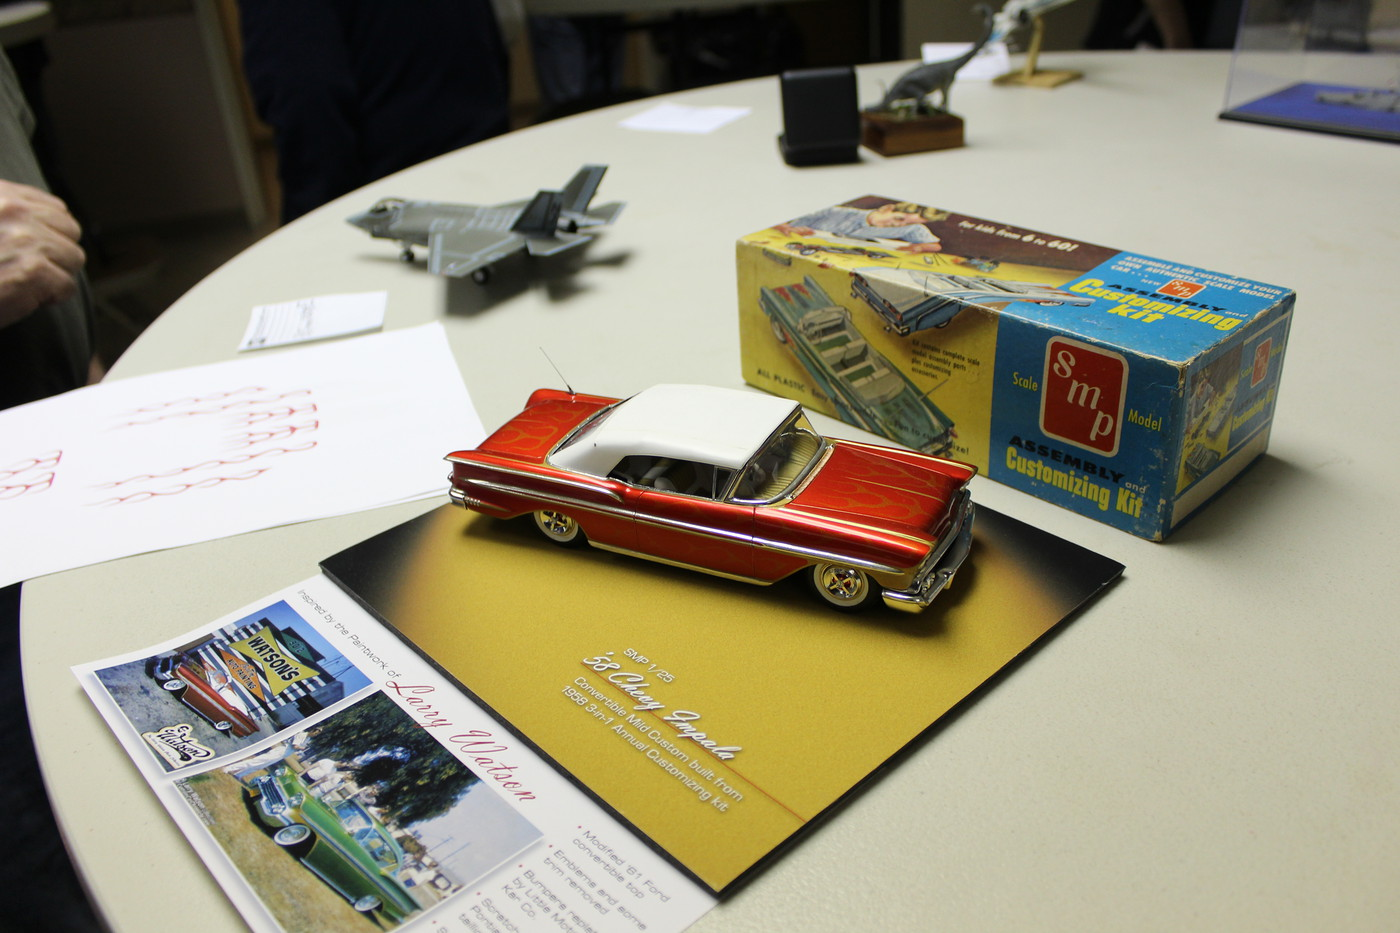 58 Chevy Impala JohnG 2